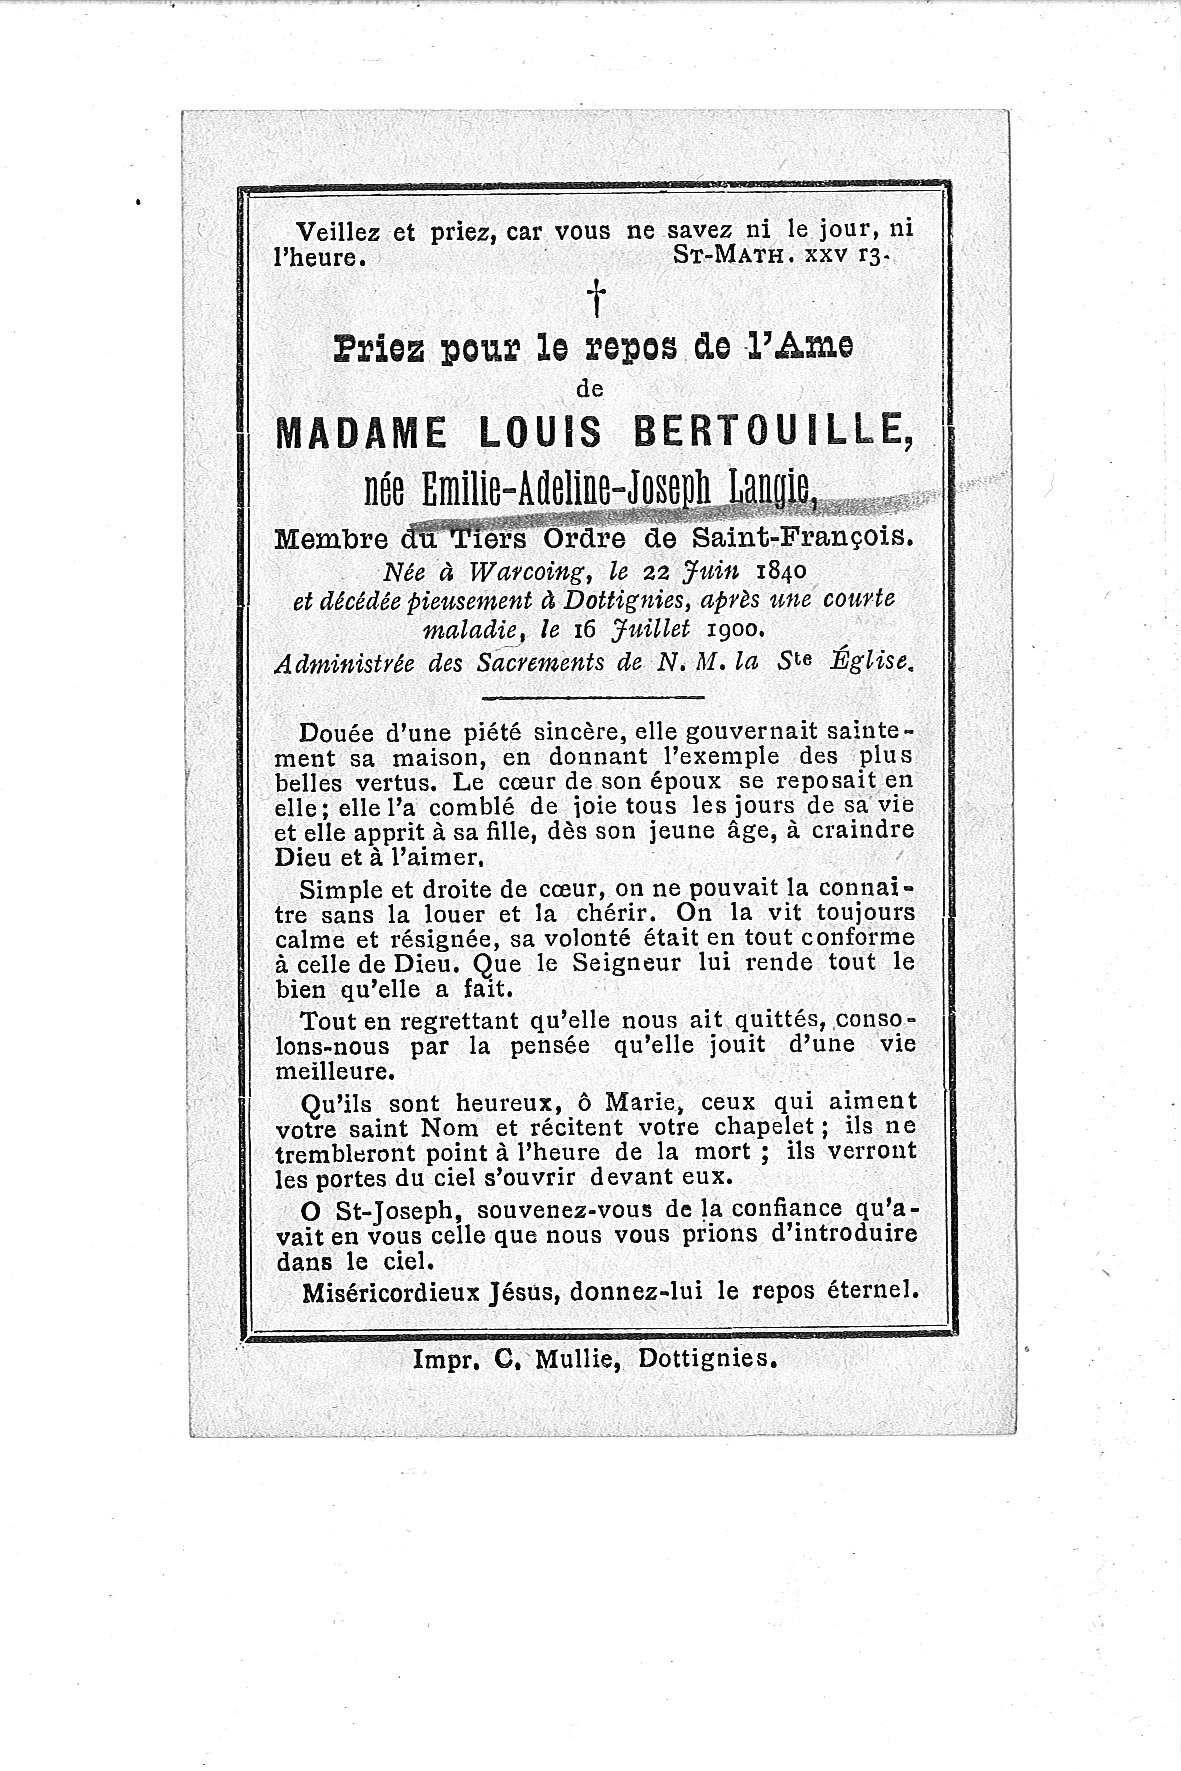 Emilie-Adeline-Joseph(1900)20091215085456_00037.jpg